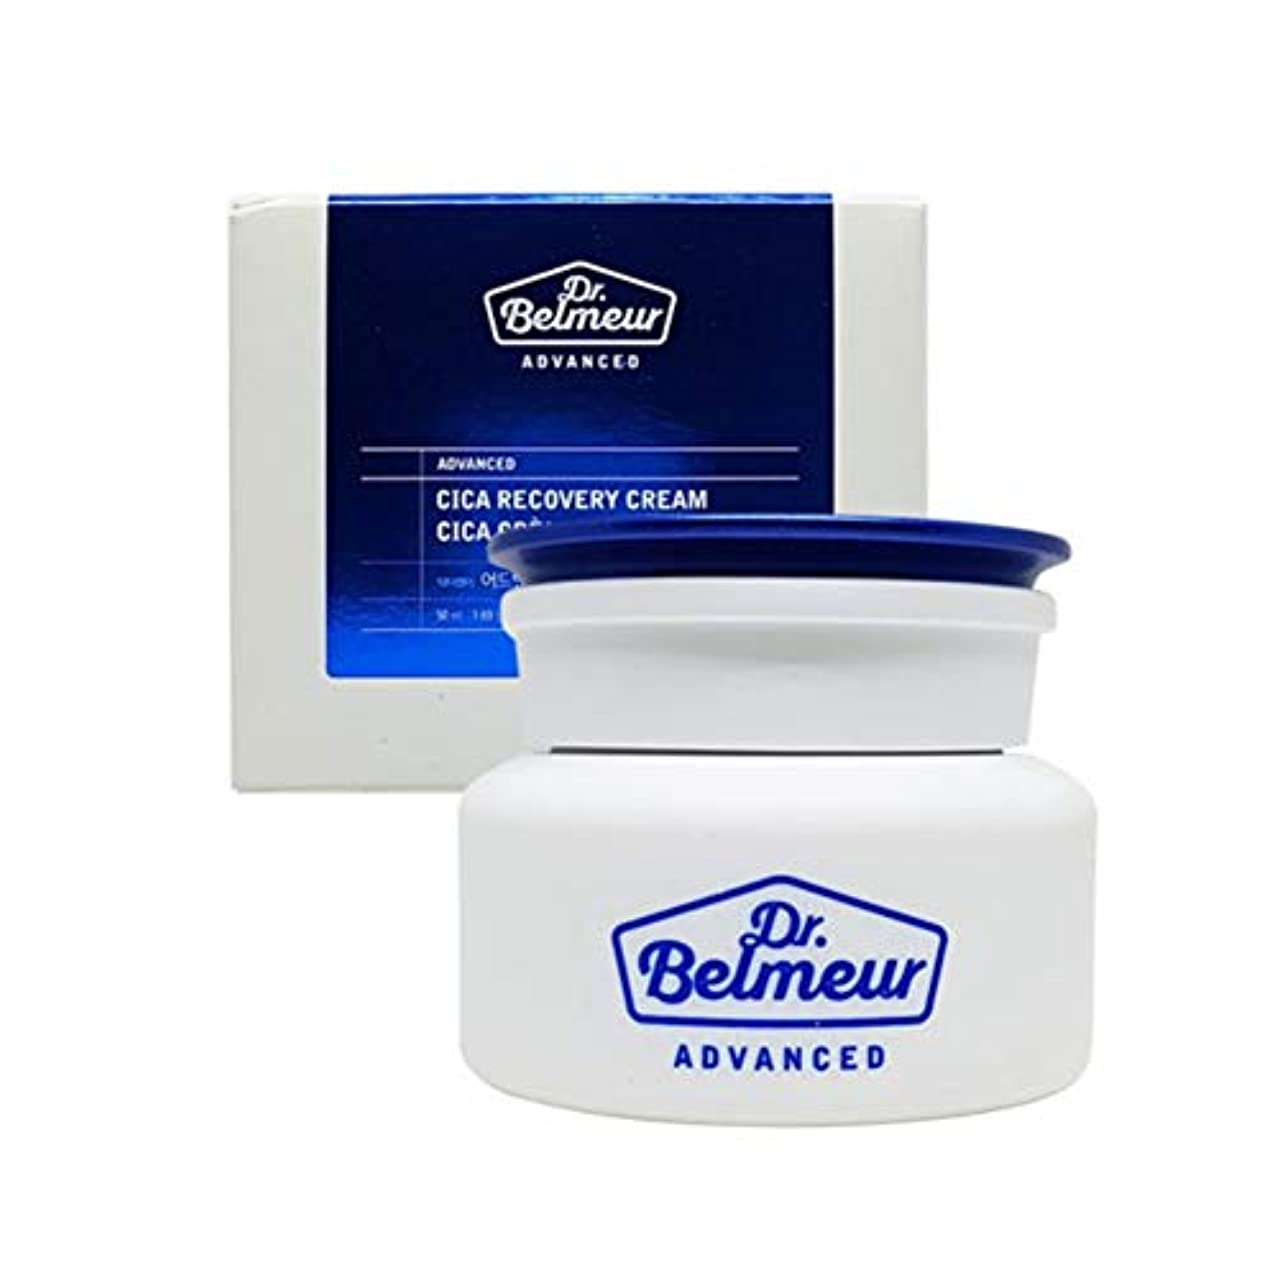 フェローシップ外交芸術ザ?フェイスショップドクターベルモアドバンスドシカリカバリークリーム50ml 韓国コスメ、The Face Shop Dr.Belmeur Advanced Cica Recovery Cream 50ml Korean...